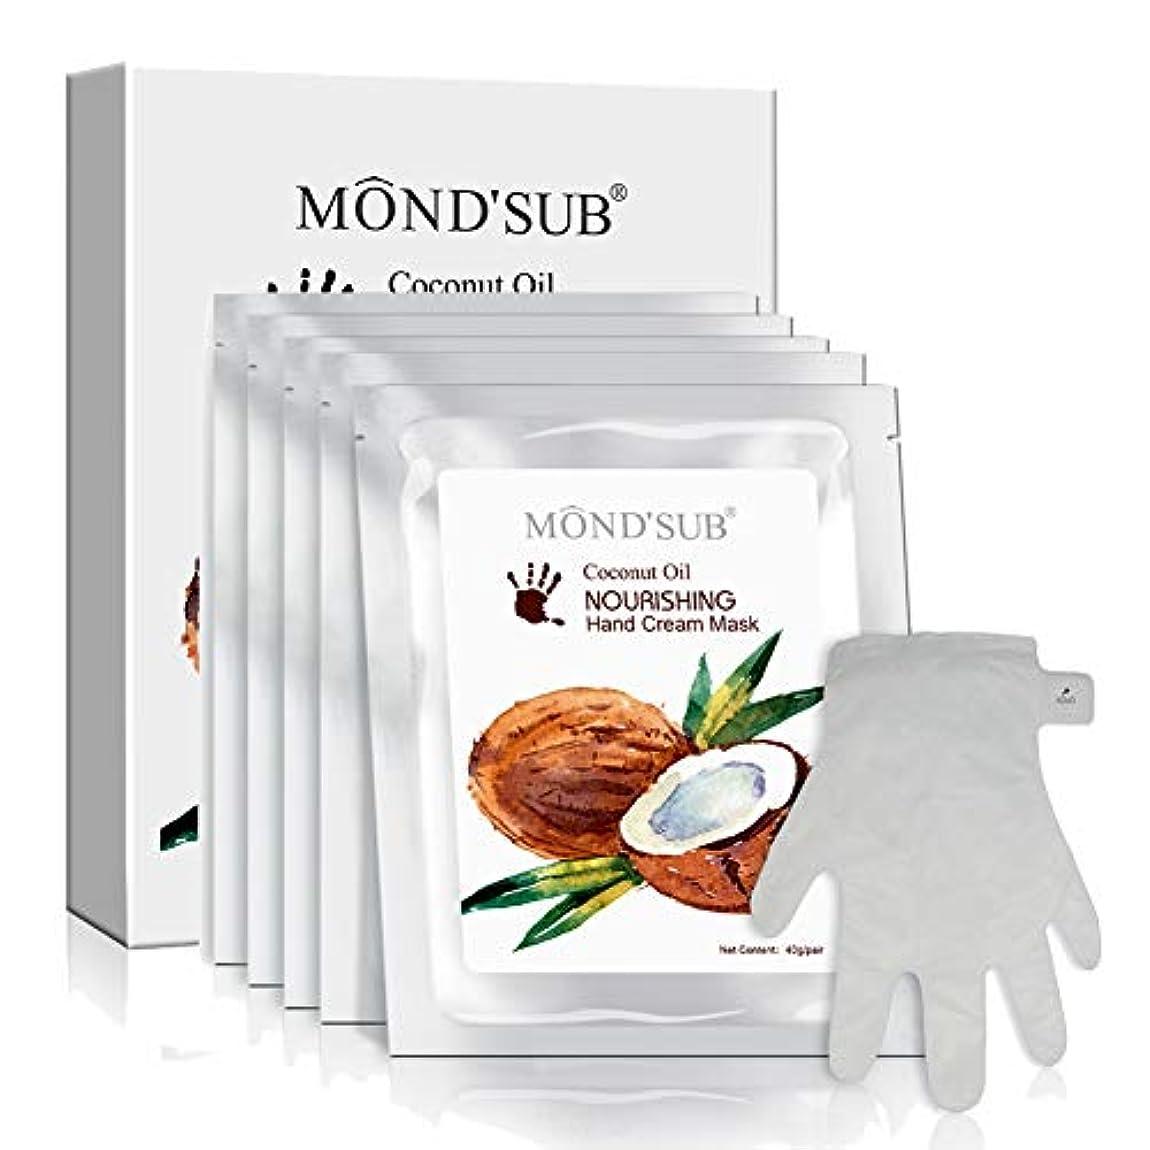 会計起点大工[MOND'SUB]ハイドハンド&ネイルマスクベスト - 乾いた手のための健康的なココナッツオイル保湿手袋 - オーガニックエッセンスハイド&ナリシングハンドとの完全なあなたのスキン(5ペア)保護マスク